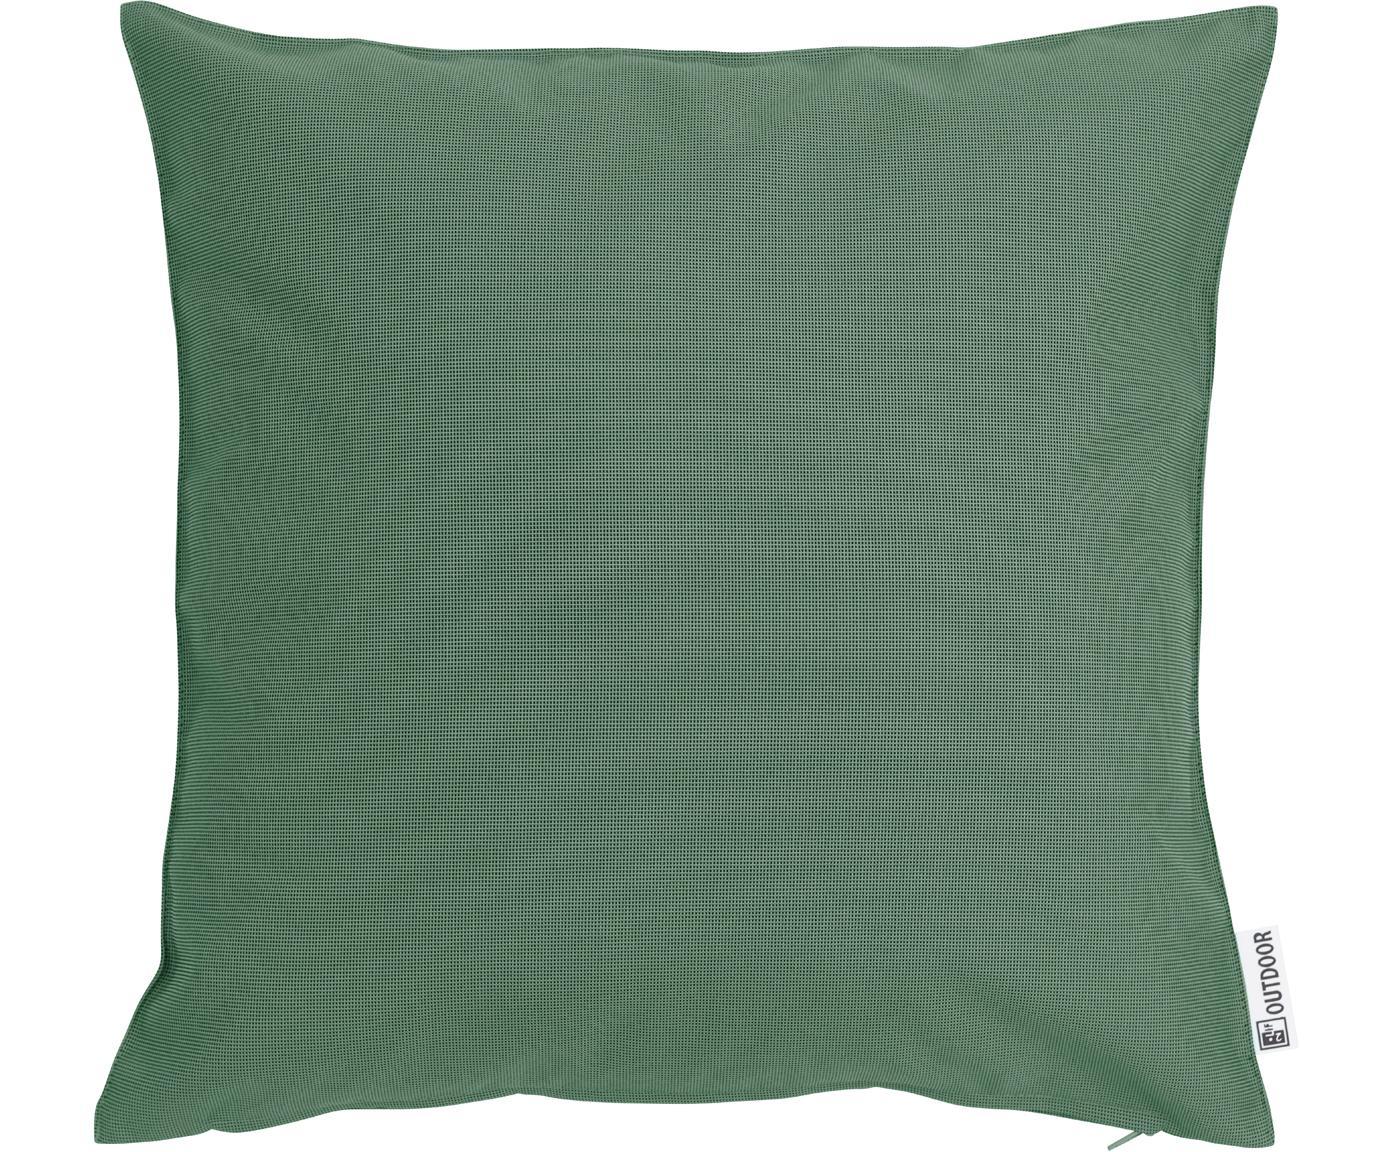 Zewnętrzna poduszka z wypełnieniem St. Maxime, Poliester, Ciemny zielony, czarny, S 47 x D 47 cm